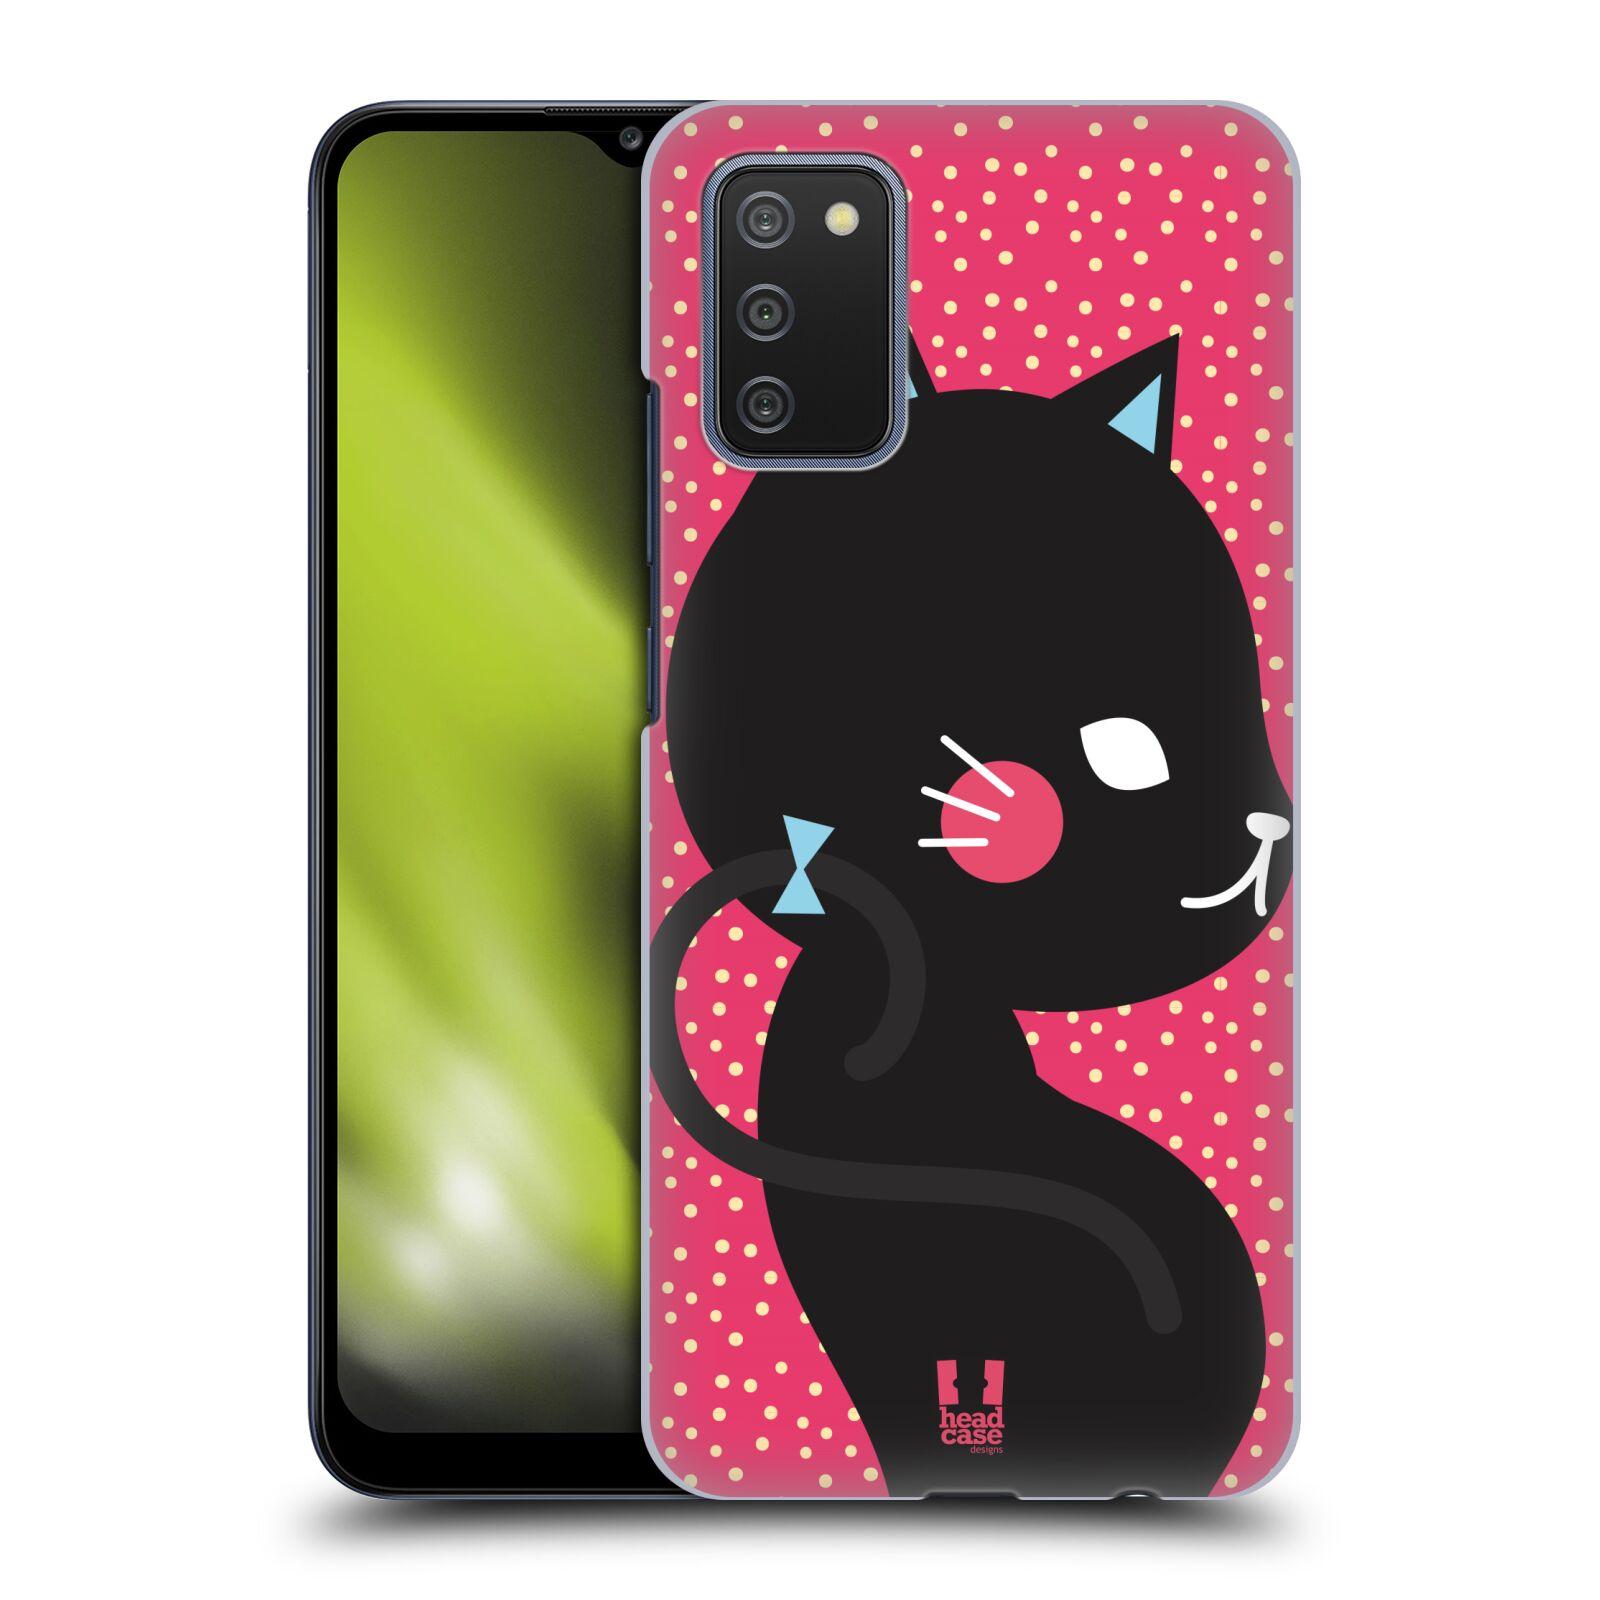 Plastové pouzdro na mobil Samsung Galaxy A02s - Head Case - KOČIČKA Černá NA RŮŽOVÉ